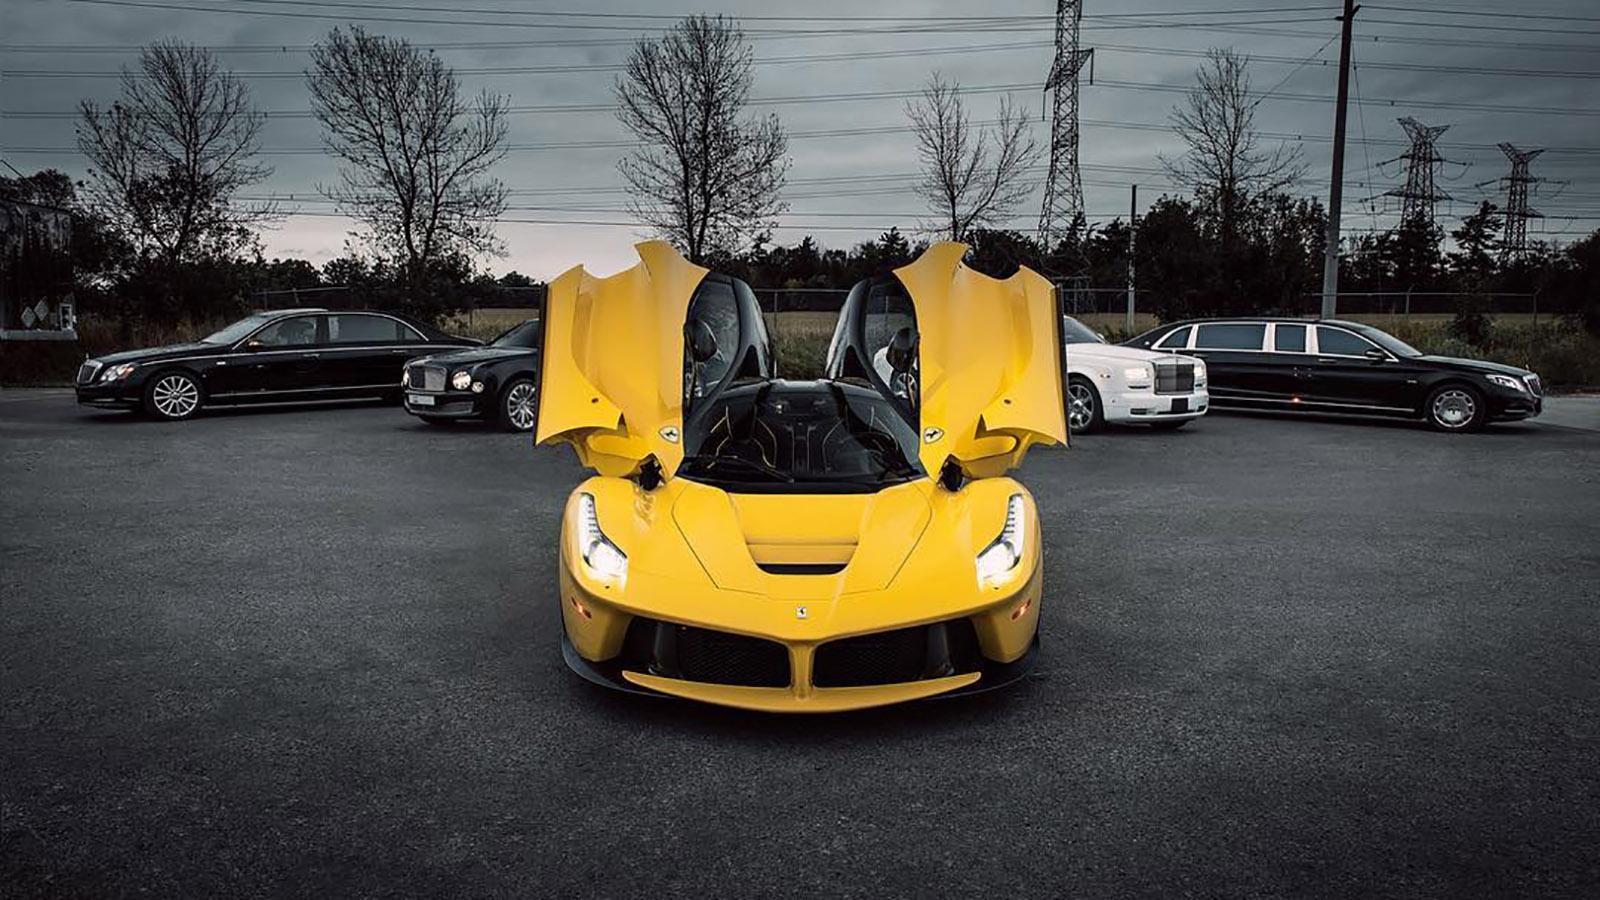 Drake LaFerrari Car Collection